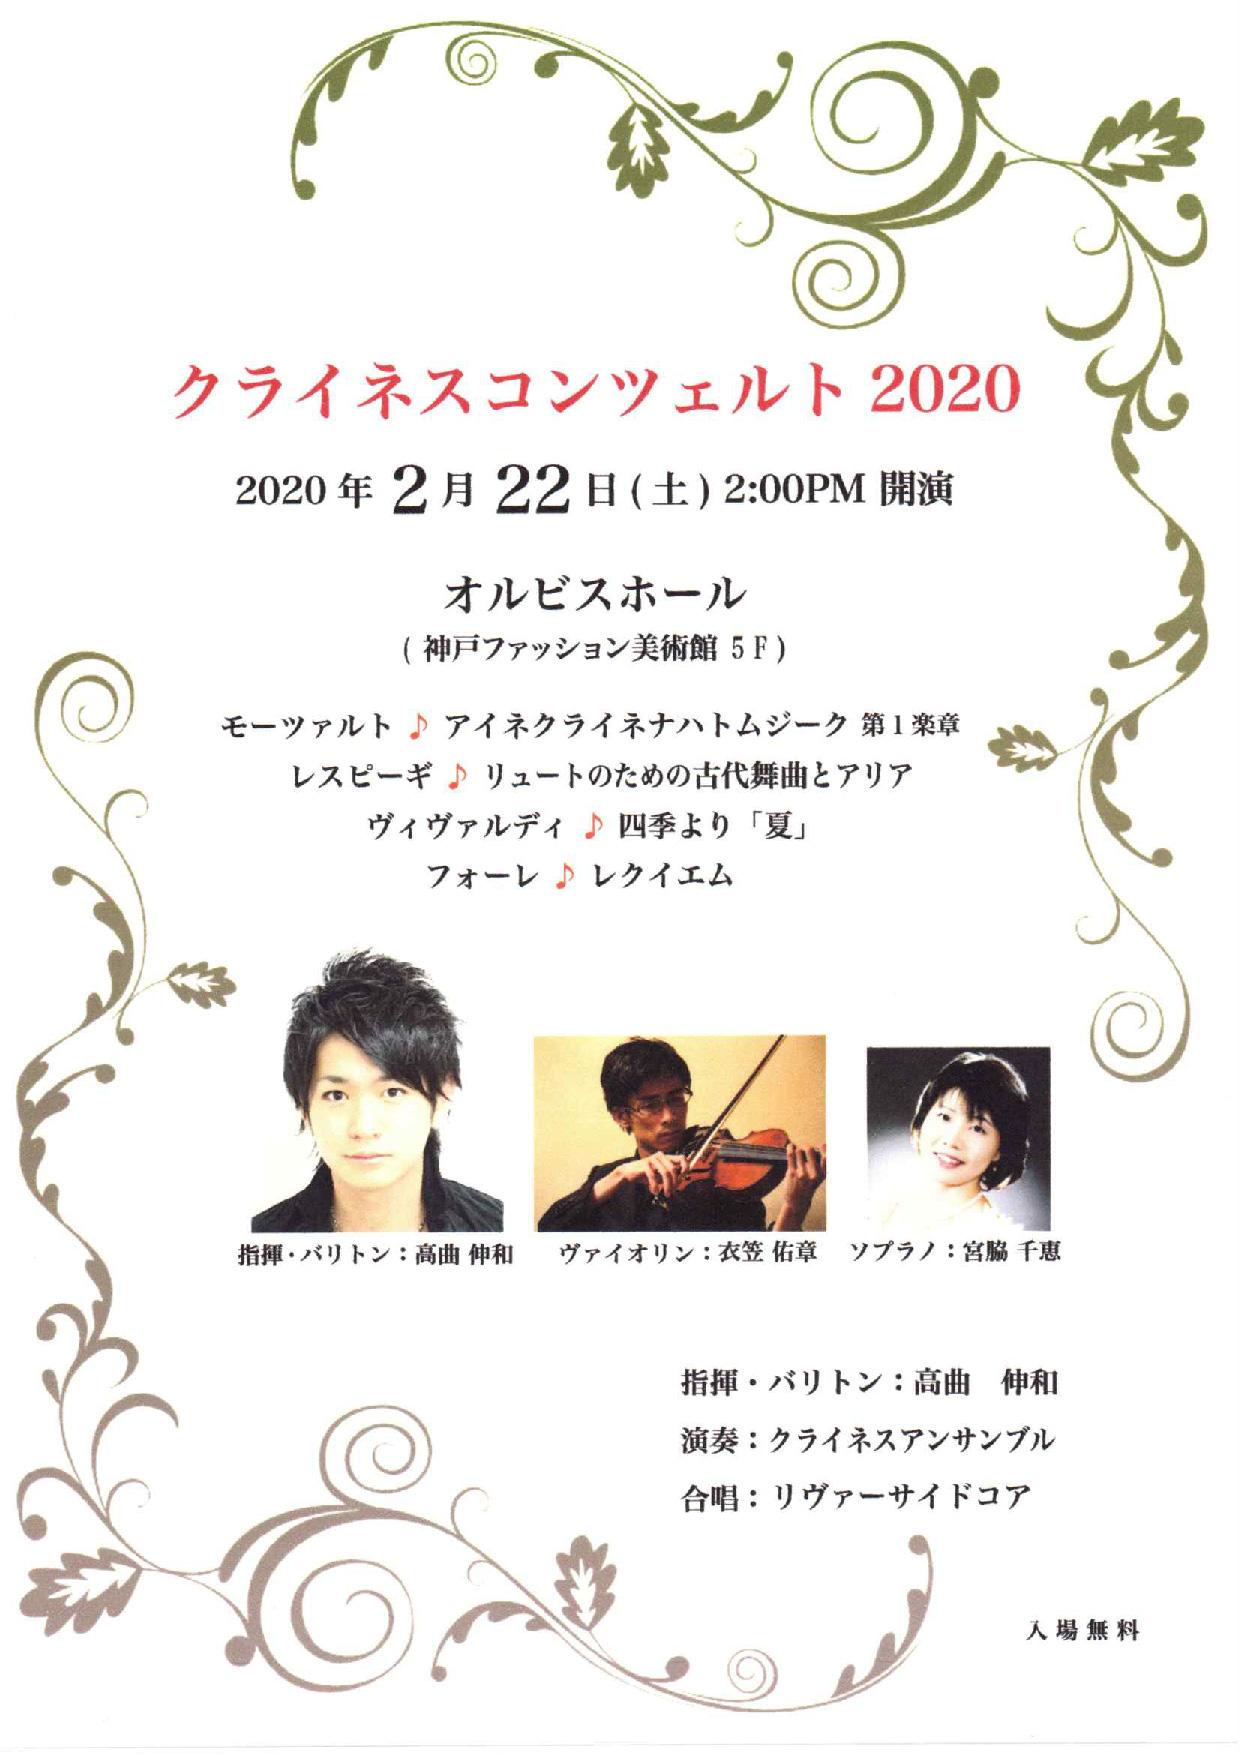 [オルビスホール情報]  2/22(土)14:00~ 弦楽アンサンブル&合唱「クライネスコンツェルト2020」開催!